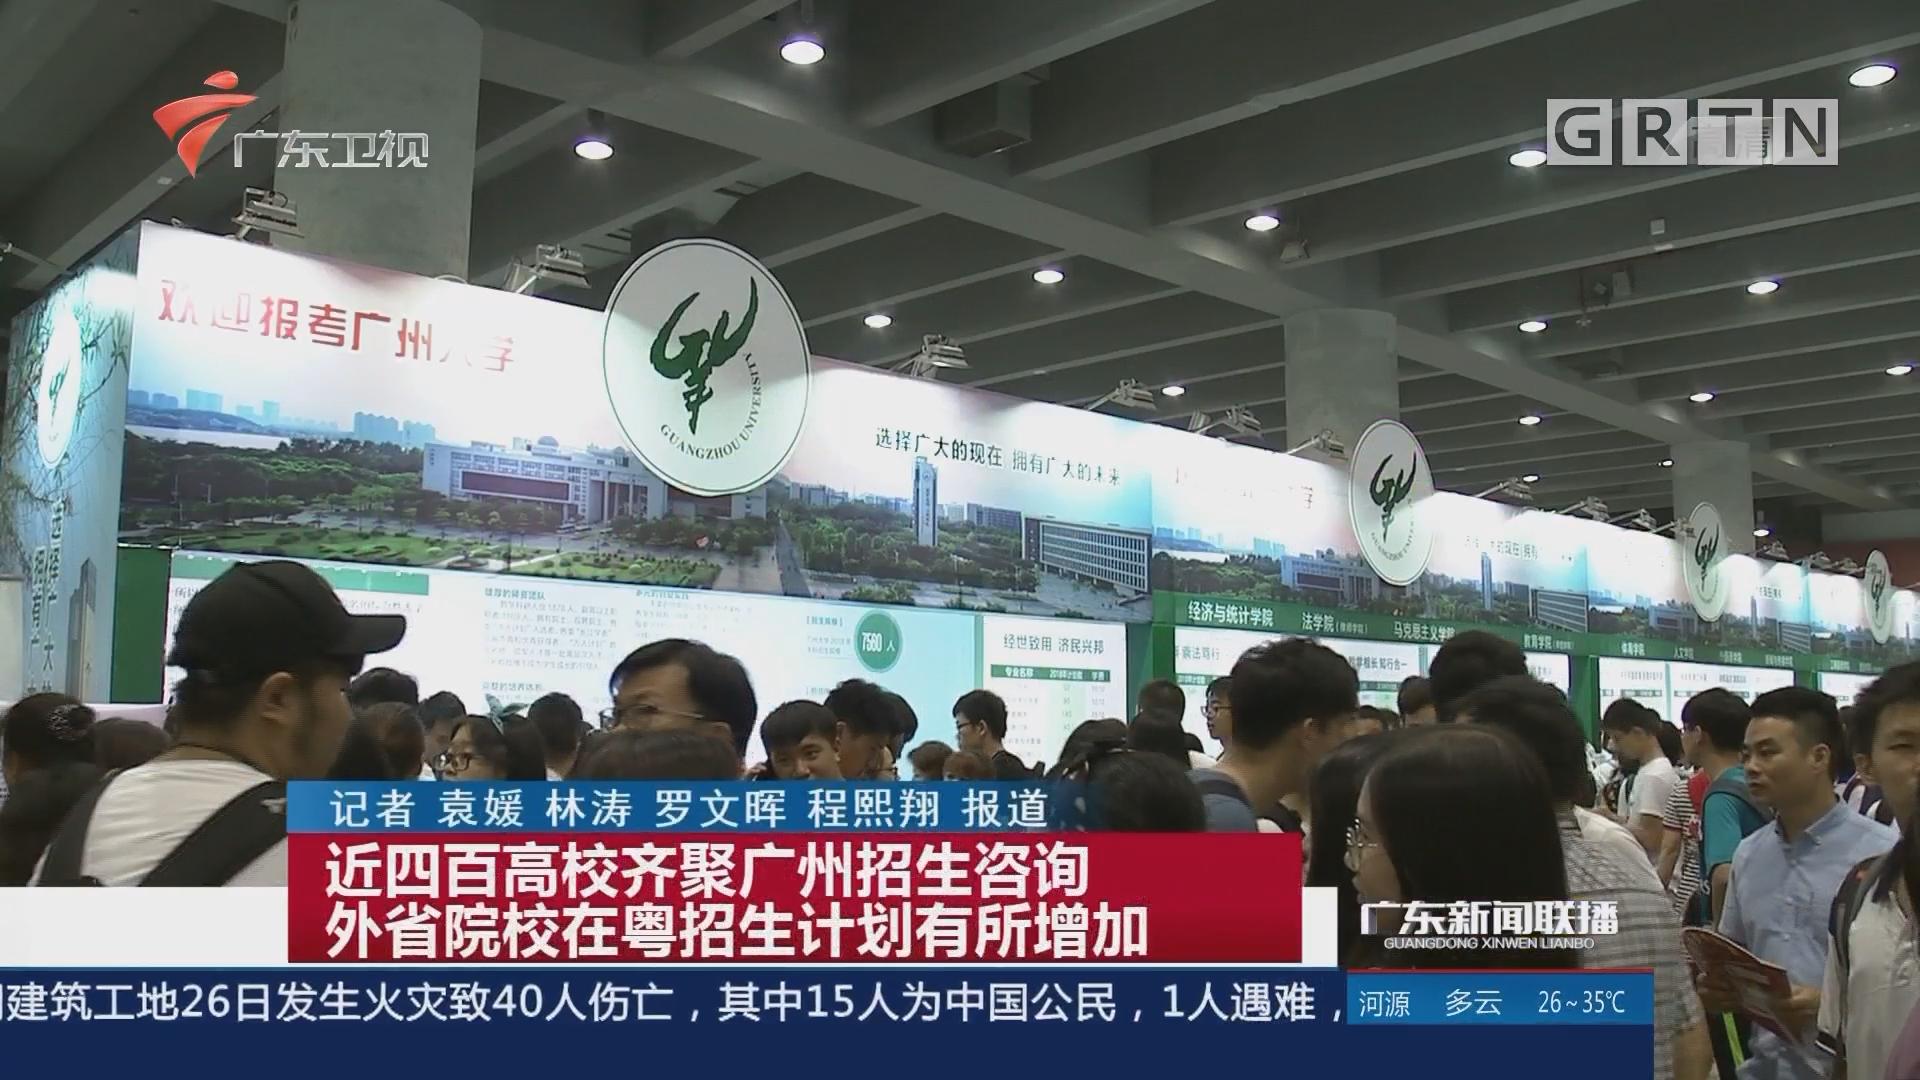 近四百高校齐聚广州招生咨询 外省院校在粤招生计划有所增加